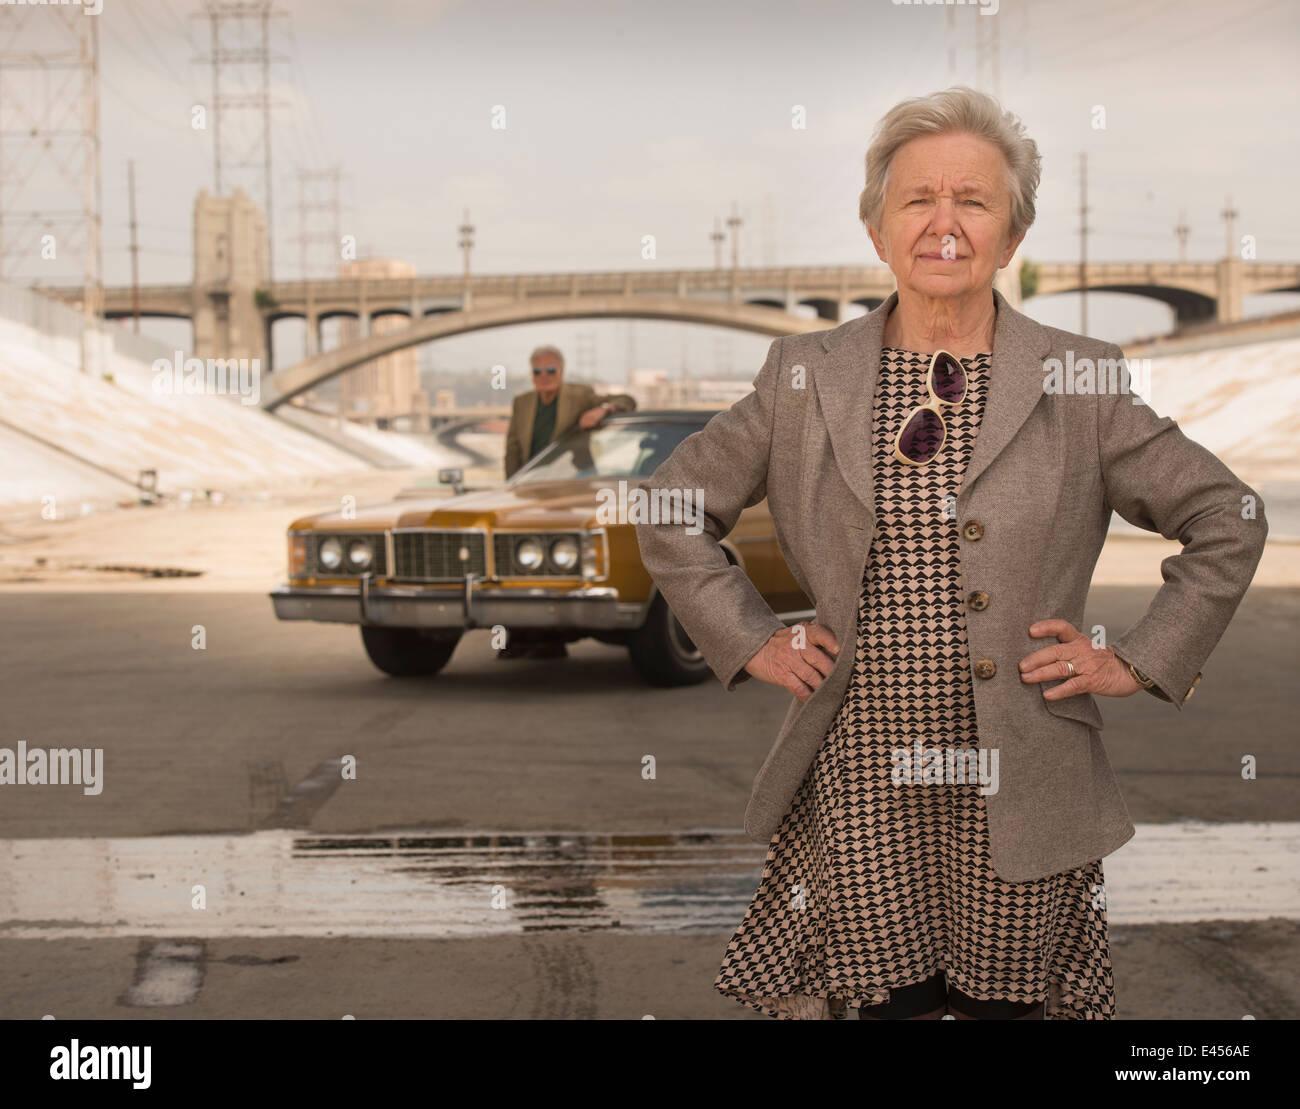 Portrait of senior woman cool et mari avec voiture classique, Los Angeles, Californie, USA Photo Stock